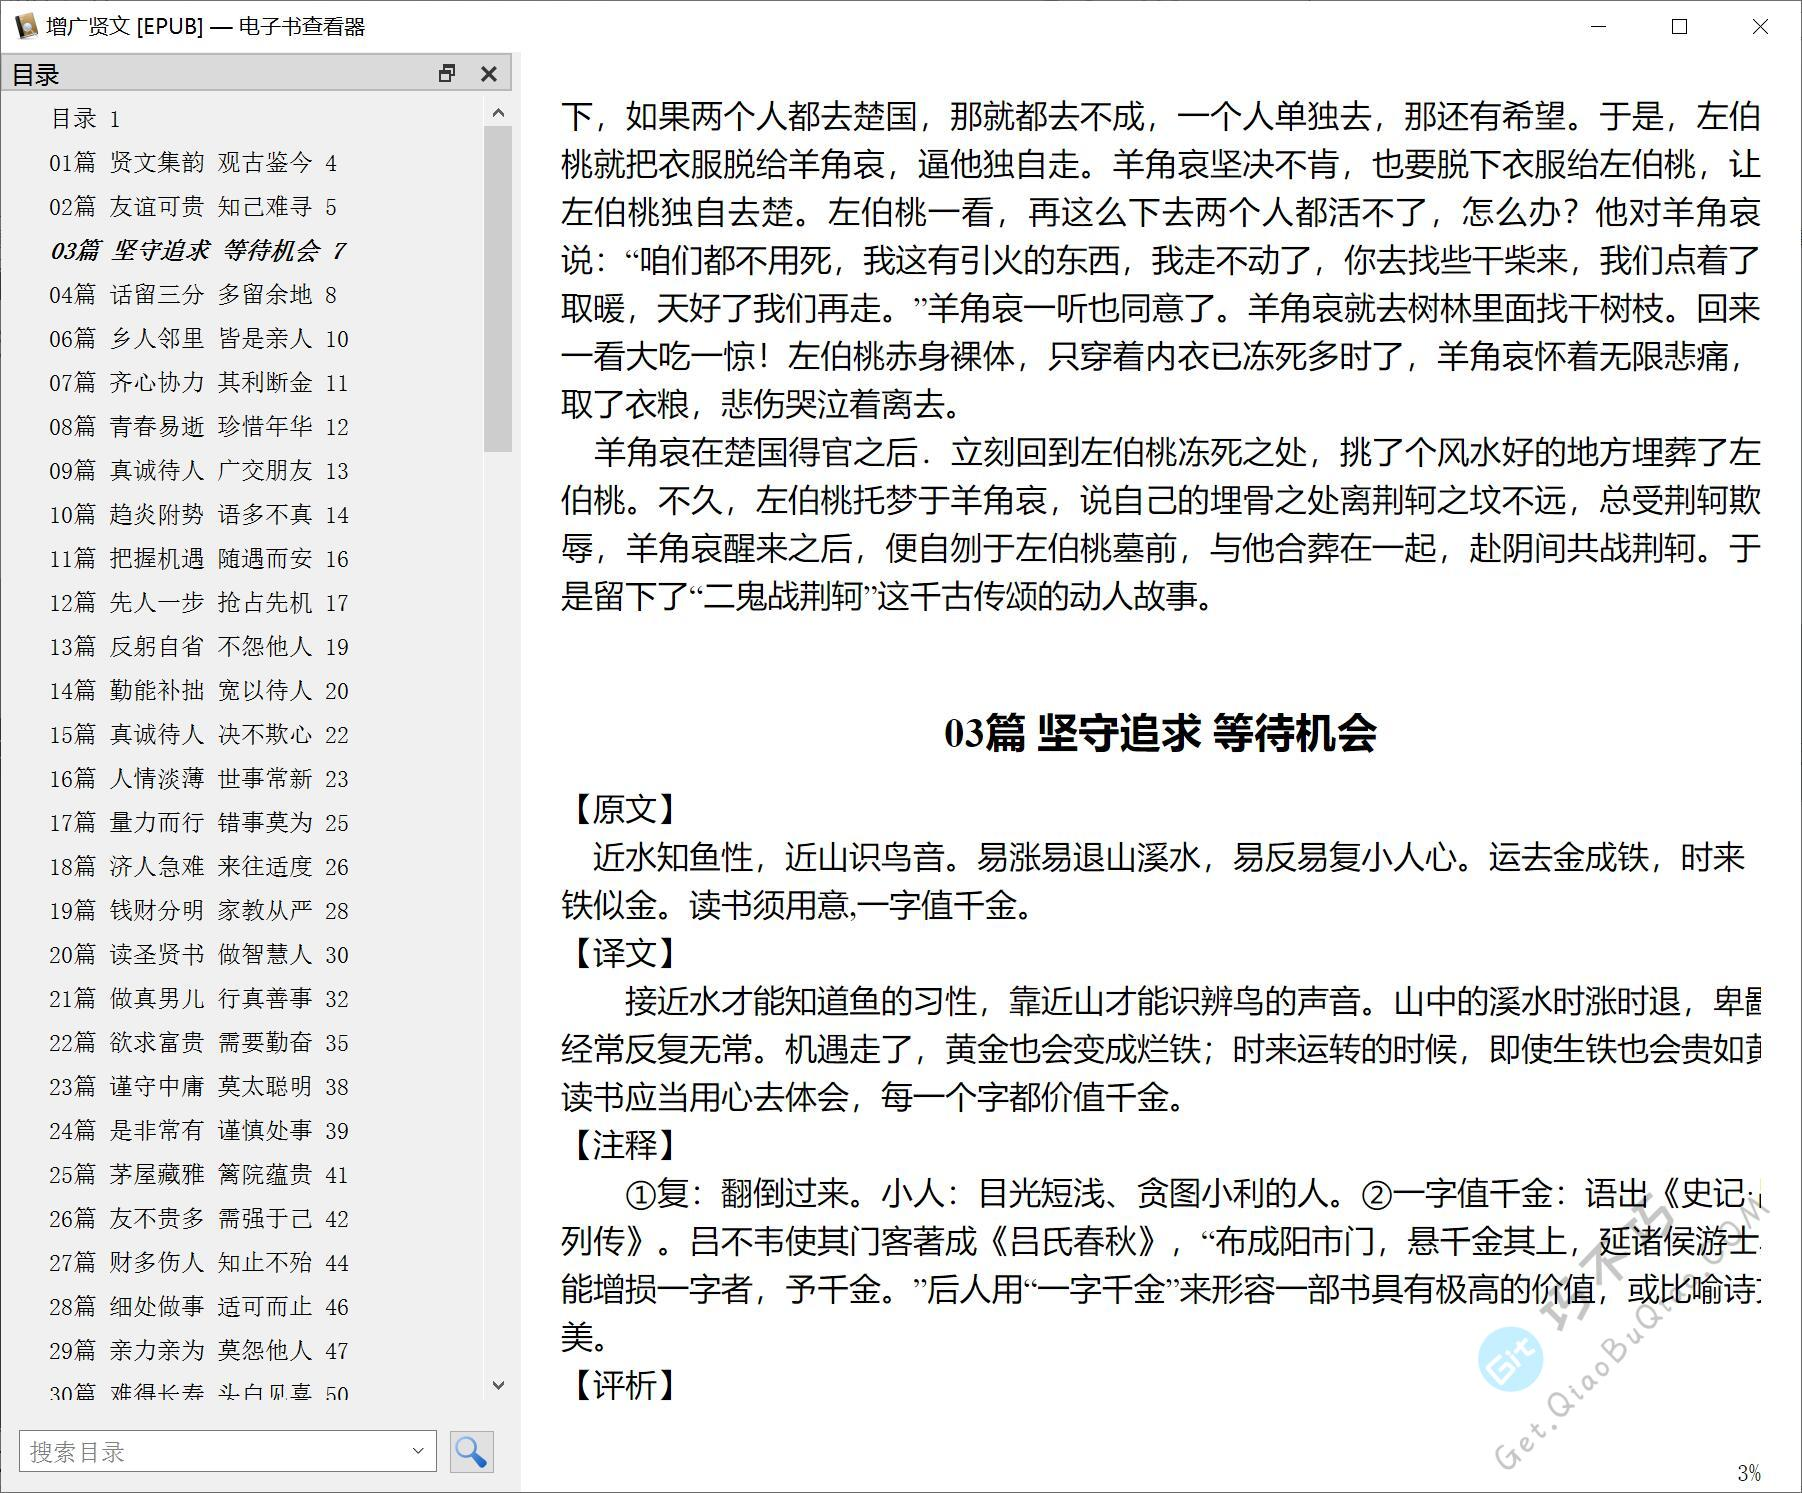 国学智慧经典《增广贤文》全文+译文,精排带目录PDF+DOCX+EPUB三版本下载支持打印